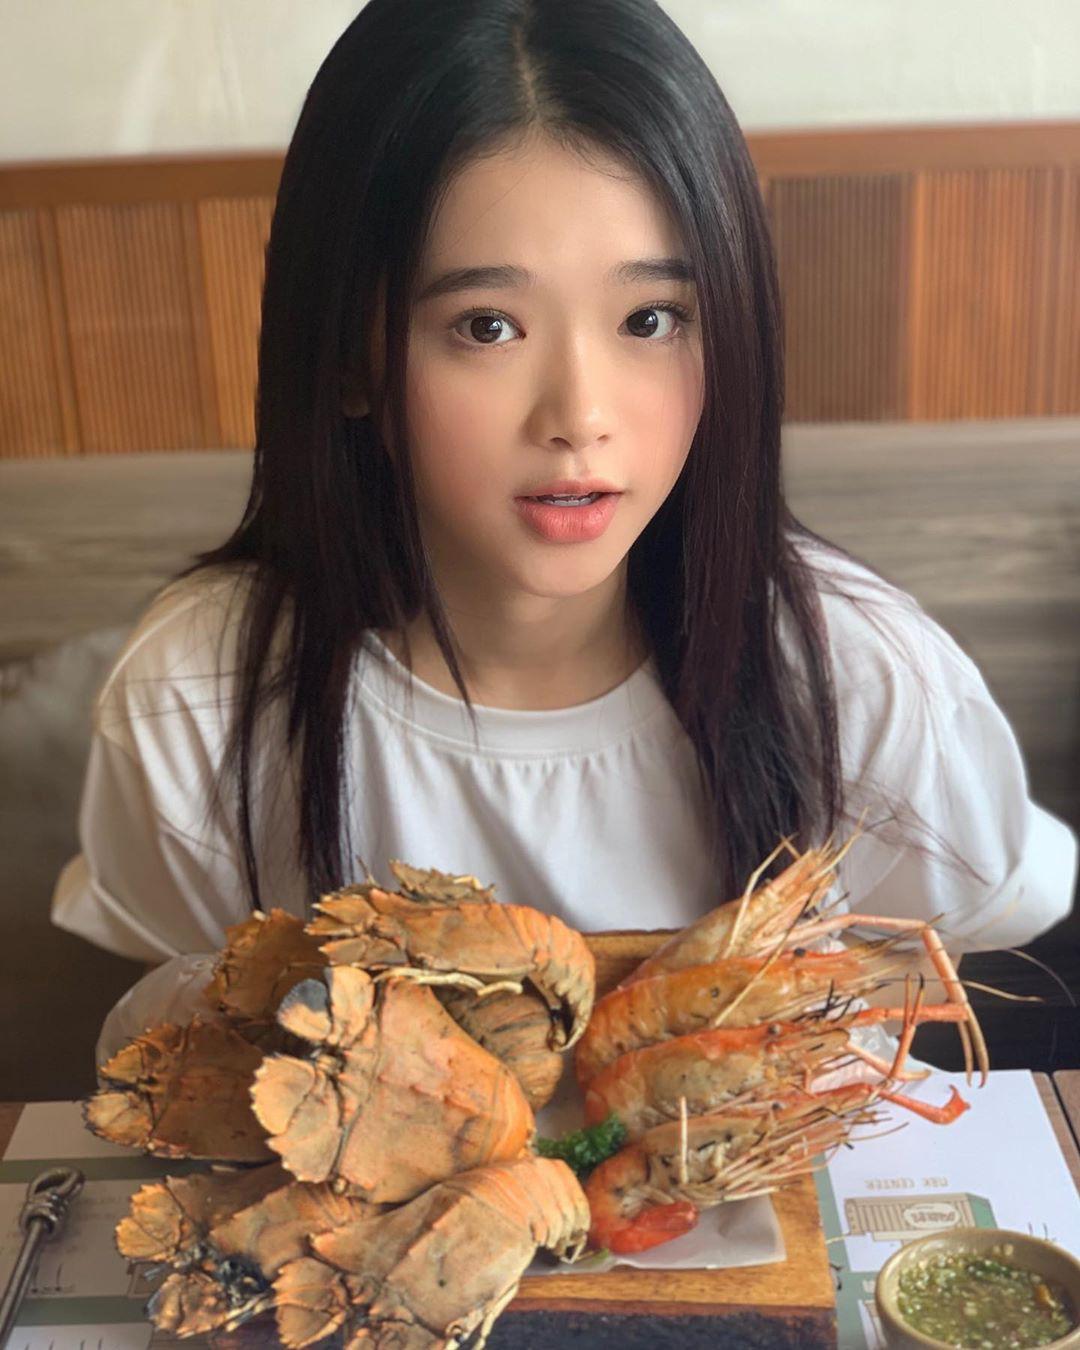 """VZN News: Để ý mới thấy nhan sắc Linh Ka dạo này thăng hạng vèo vèo, 17 tuổi chưa """"lớn"""" xong mà đã đáng gờm như thế! - Ảnh 2."""